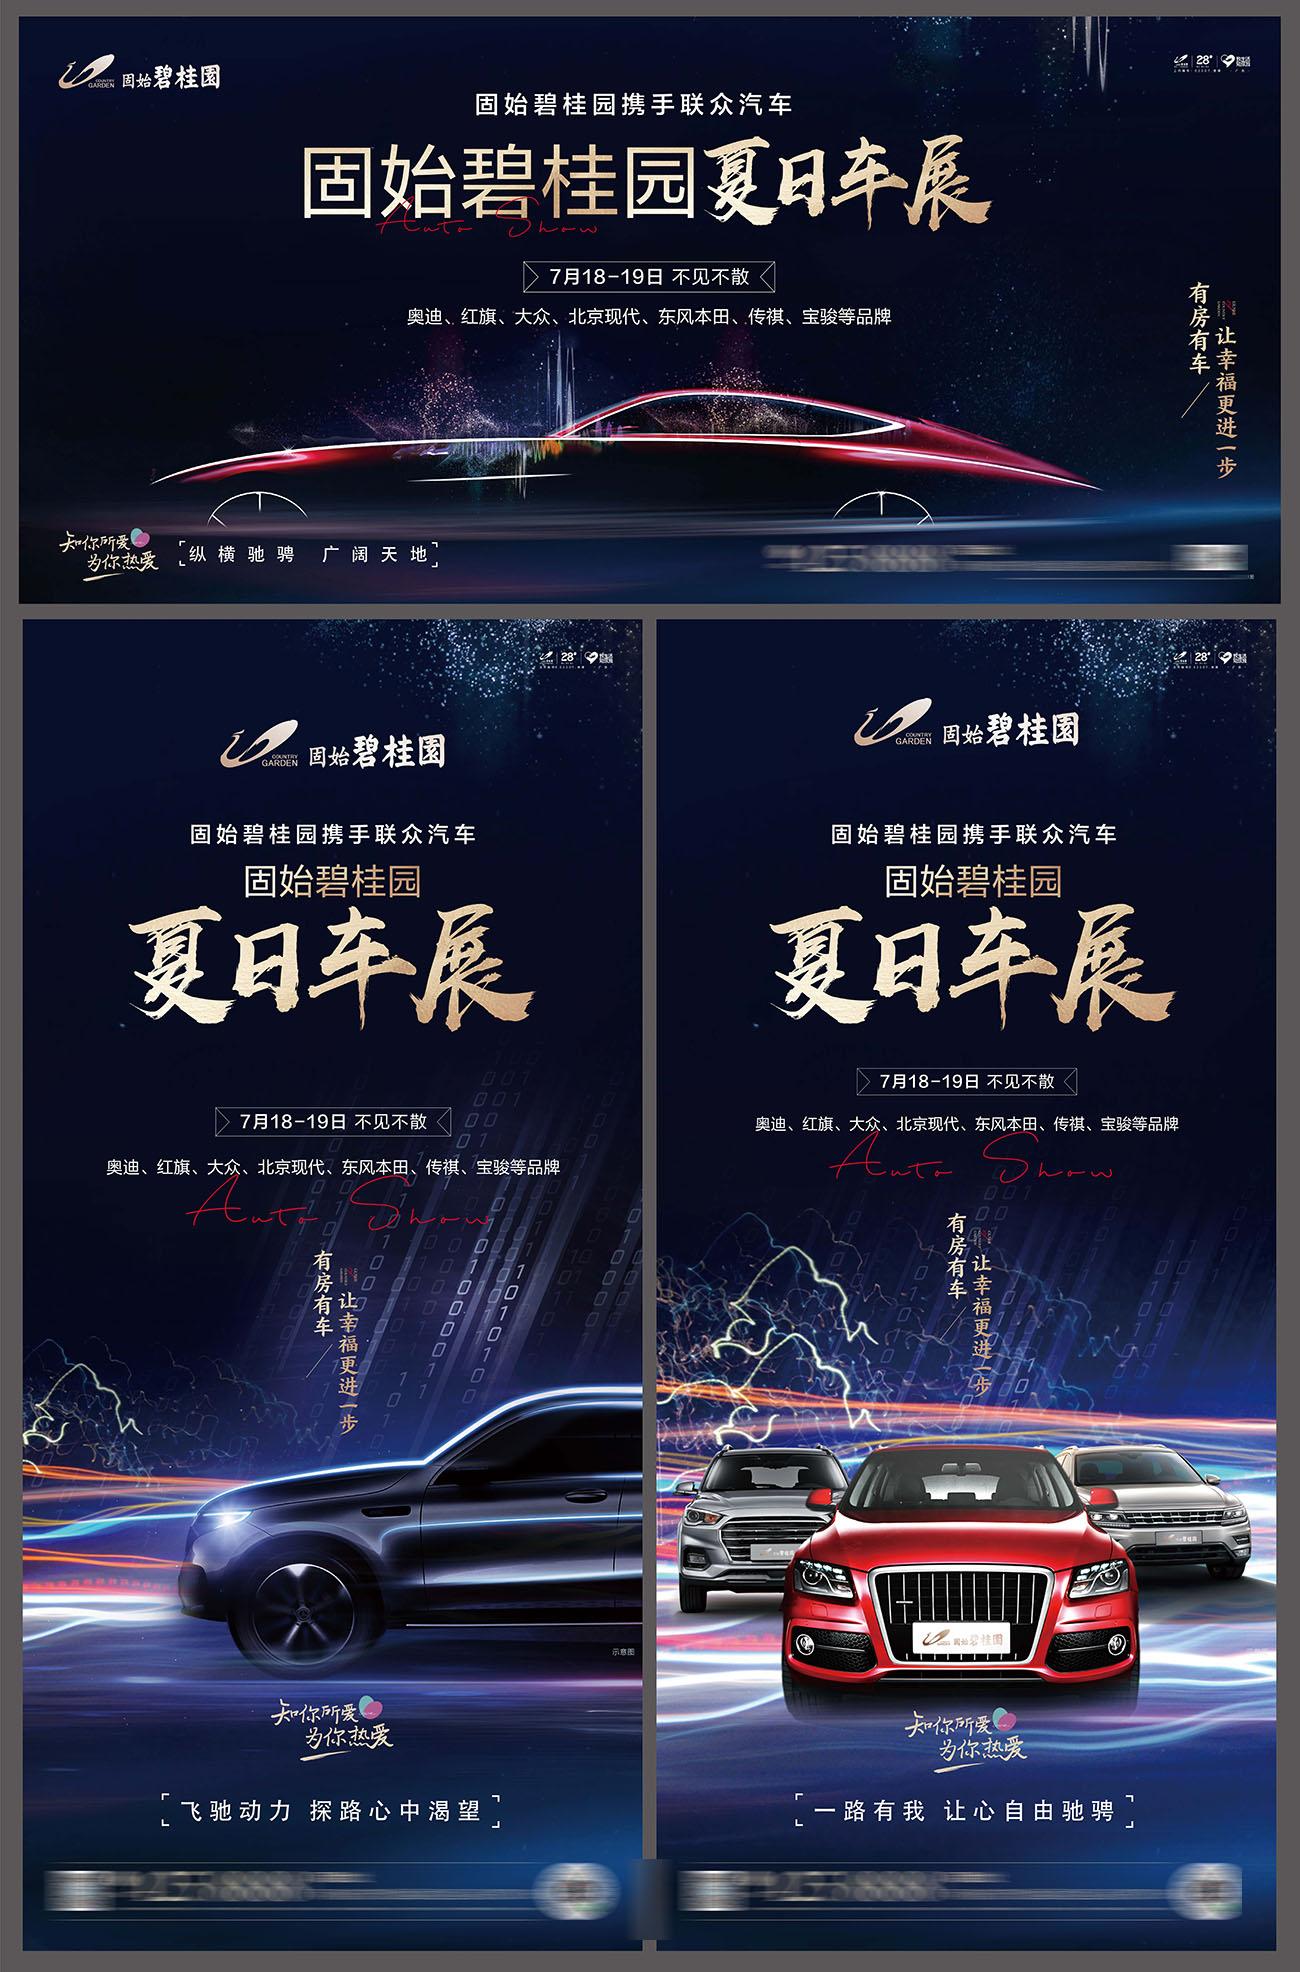 房地产碧桂园夏日车展活动宣传物料AI源文件插图